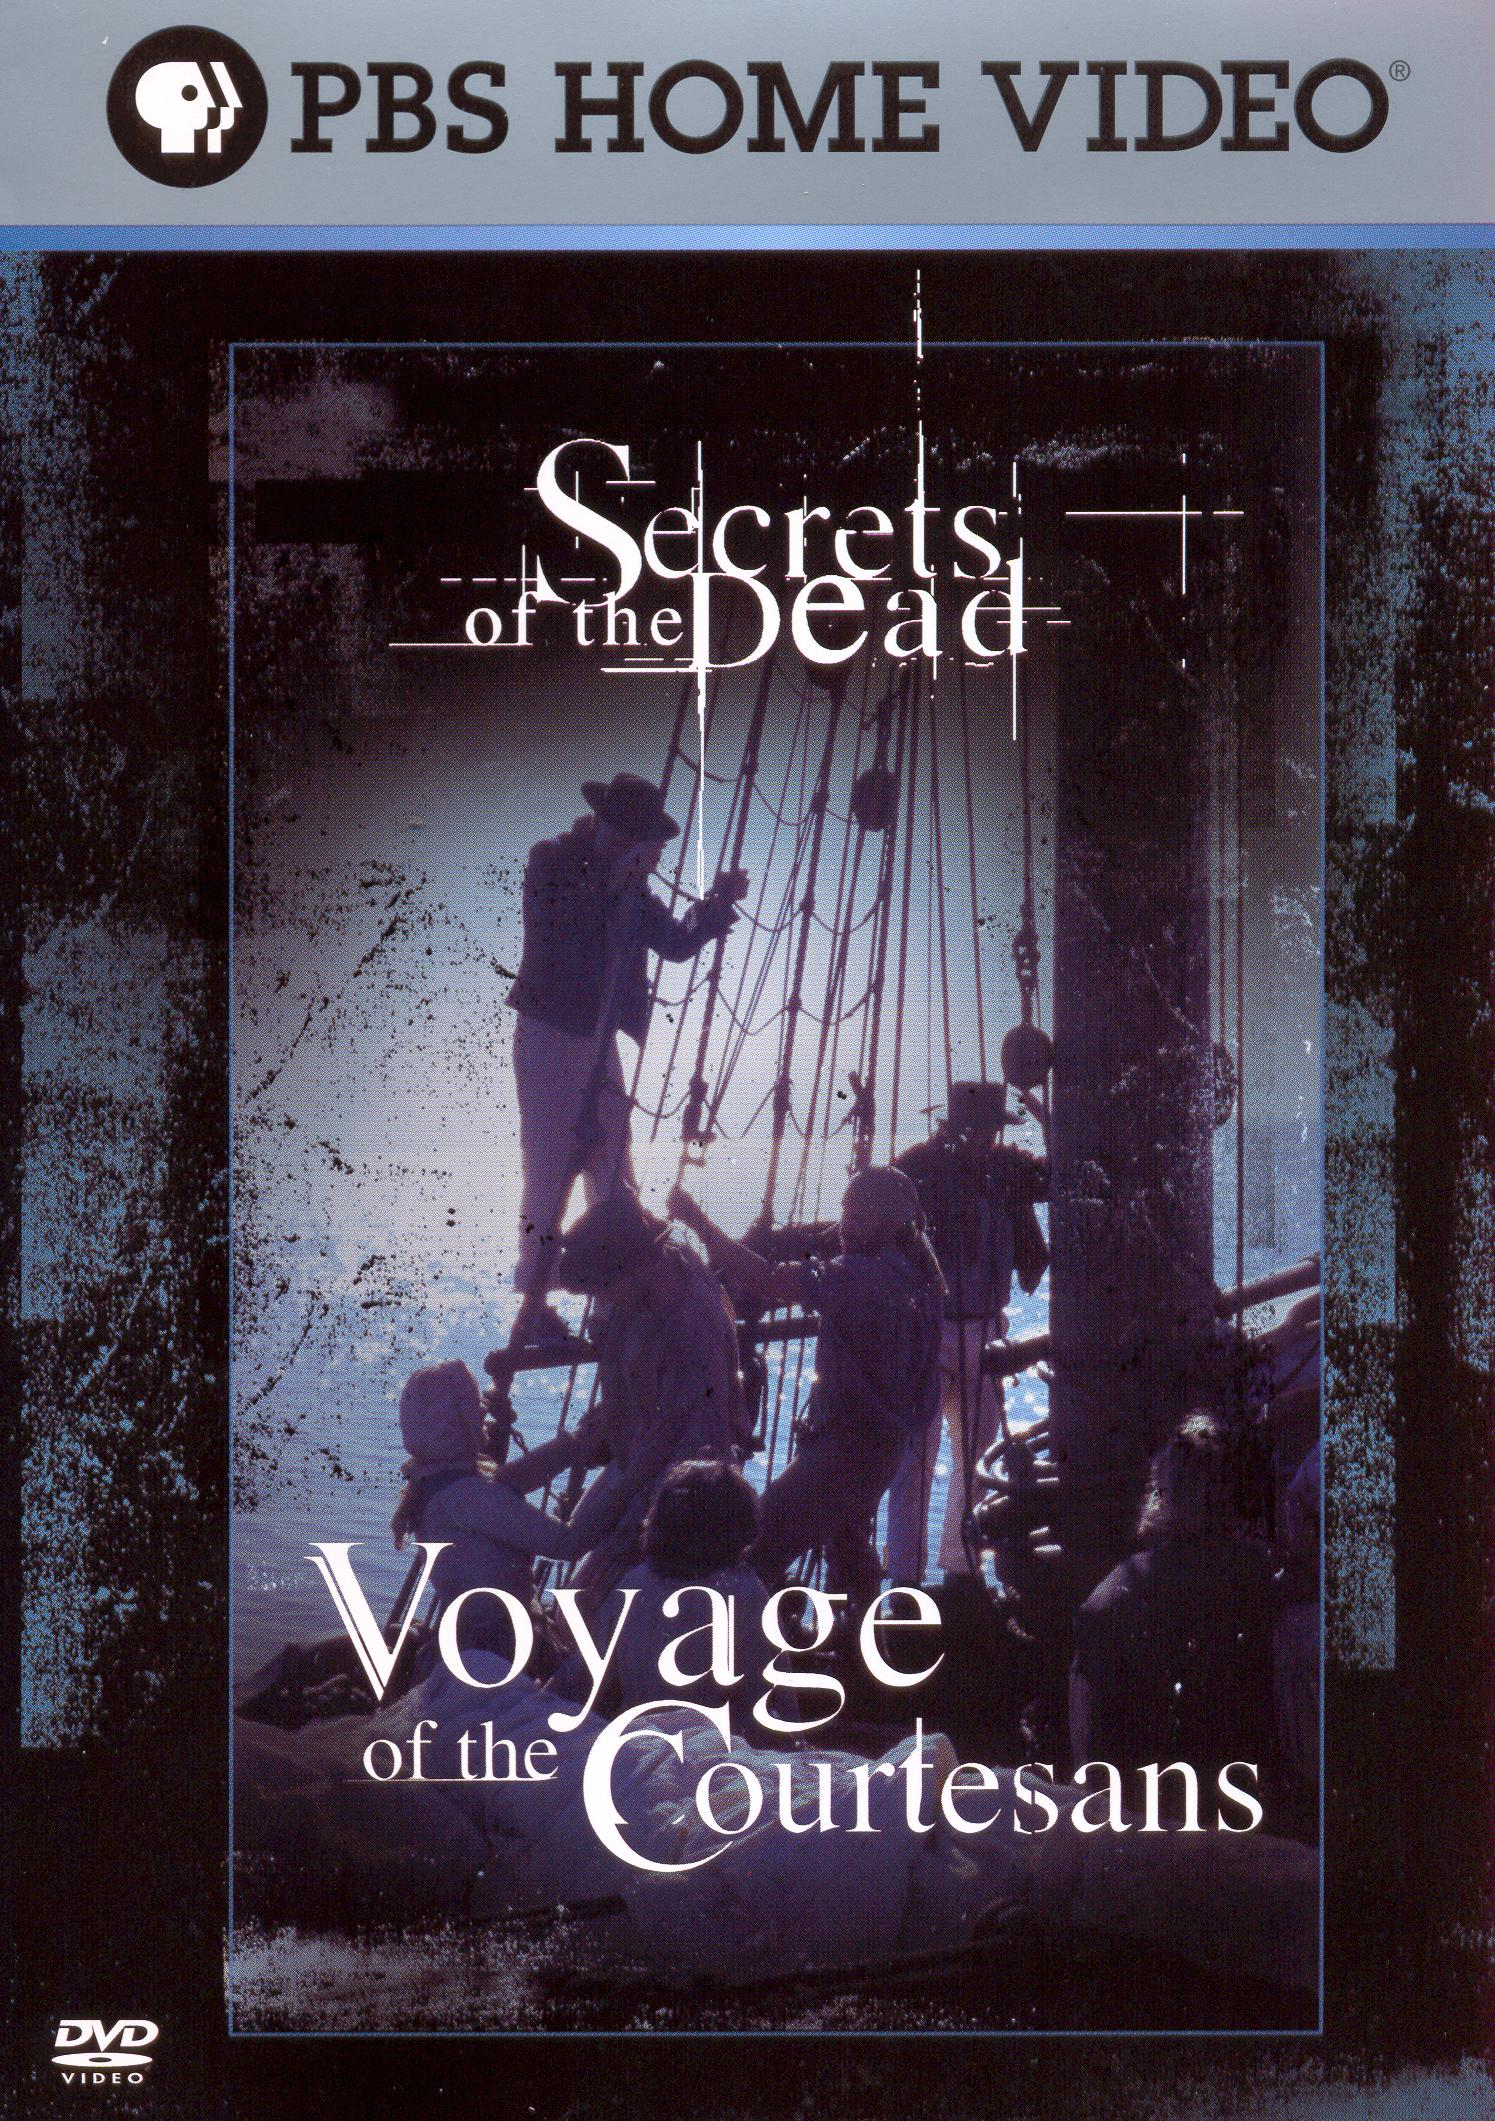 Secrets of the Dead: Voyage of the Courtesans